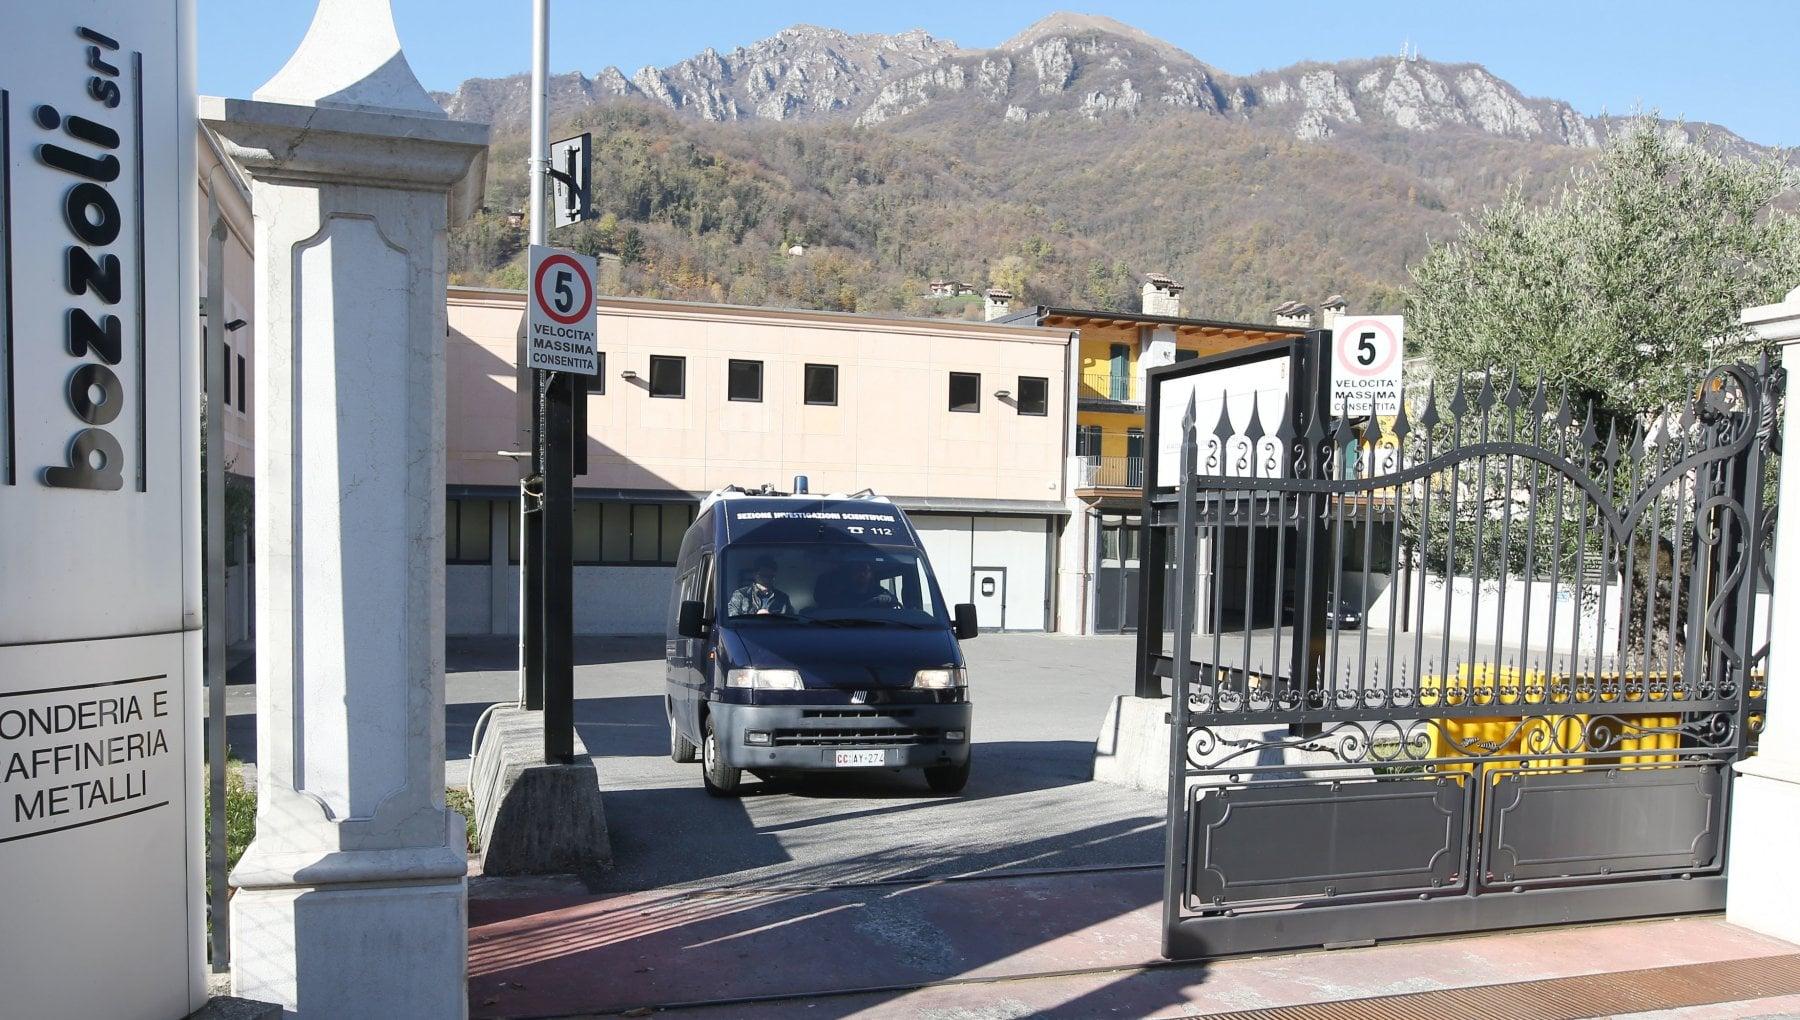 Brescia il mistero in fonderia a processo il nipote dellimprenditore scomparso Mario Bozzoli